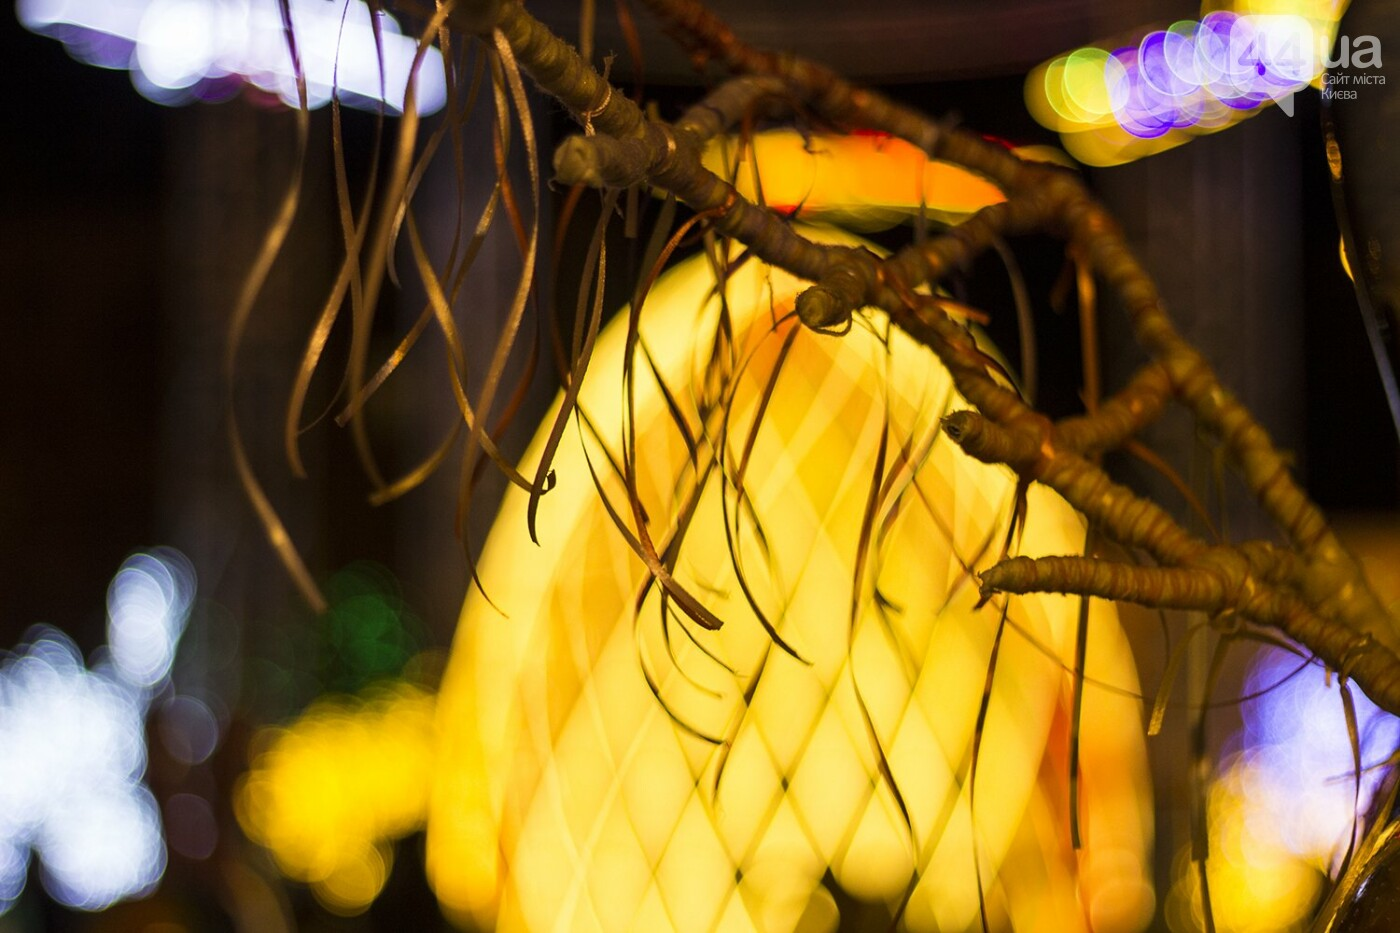 Пасхальная иллюминация: как выглядит фестиваль писанок ночью, фото-8